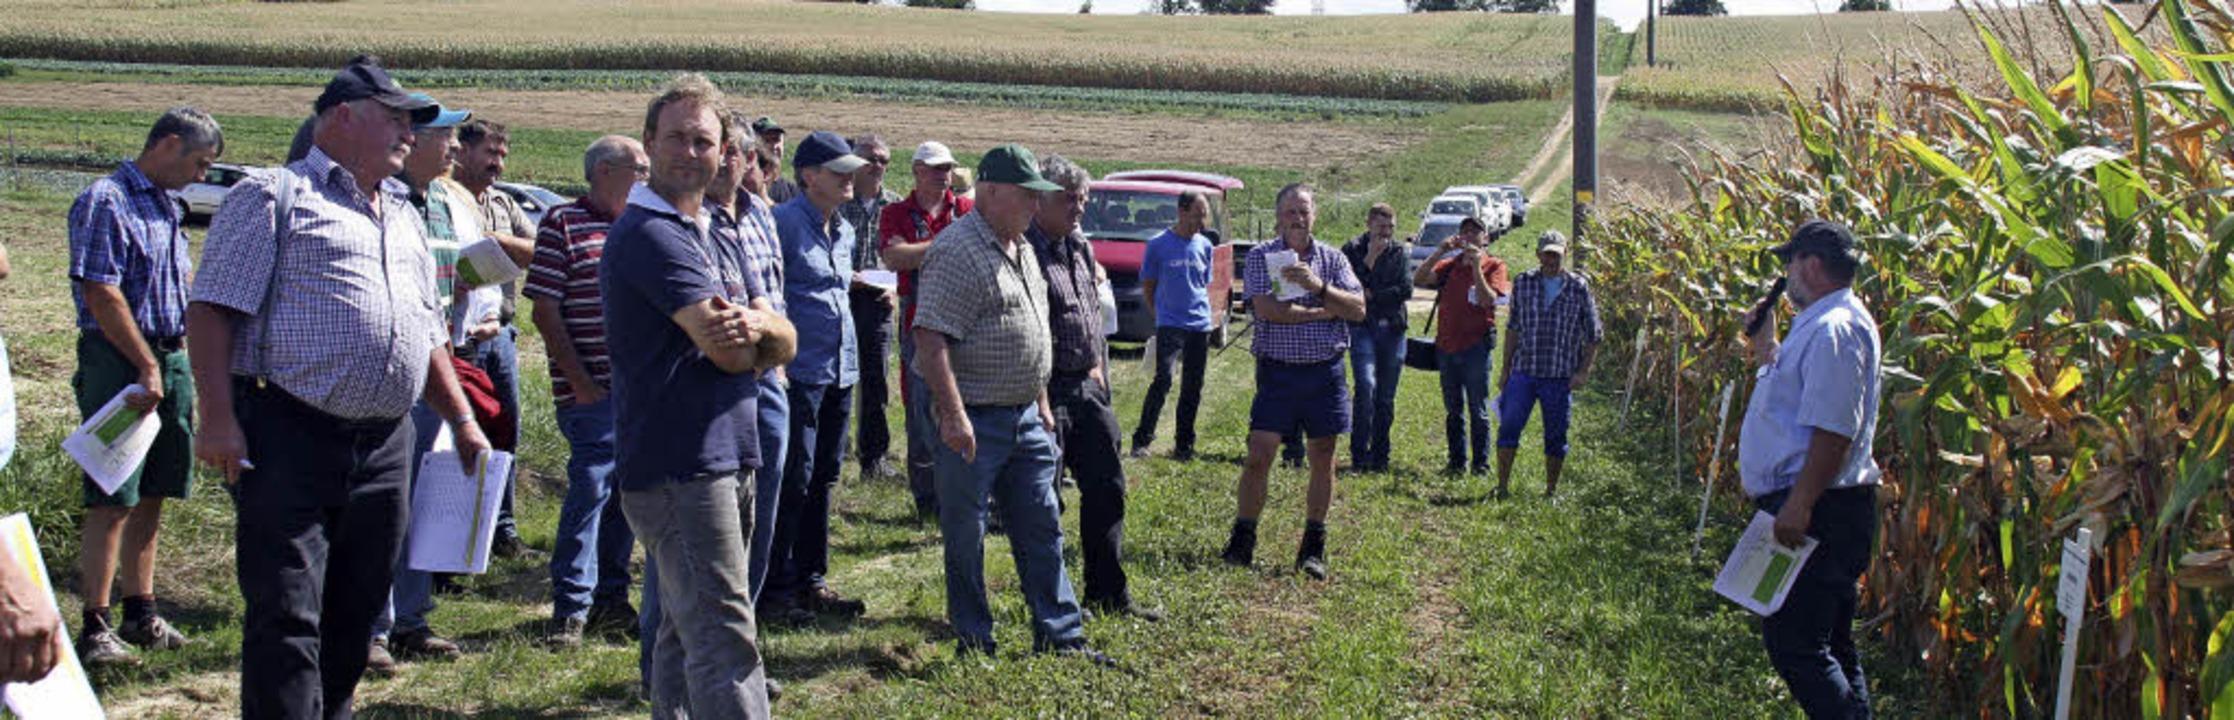 Groß war das Interesse am Feldtag beim...n auch neu gezüchtete Maissorten vor.   | Foto: Siemann